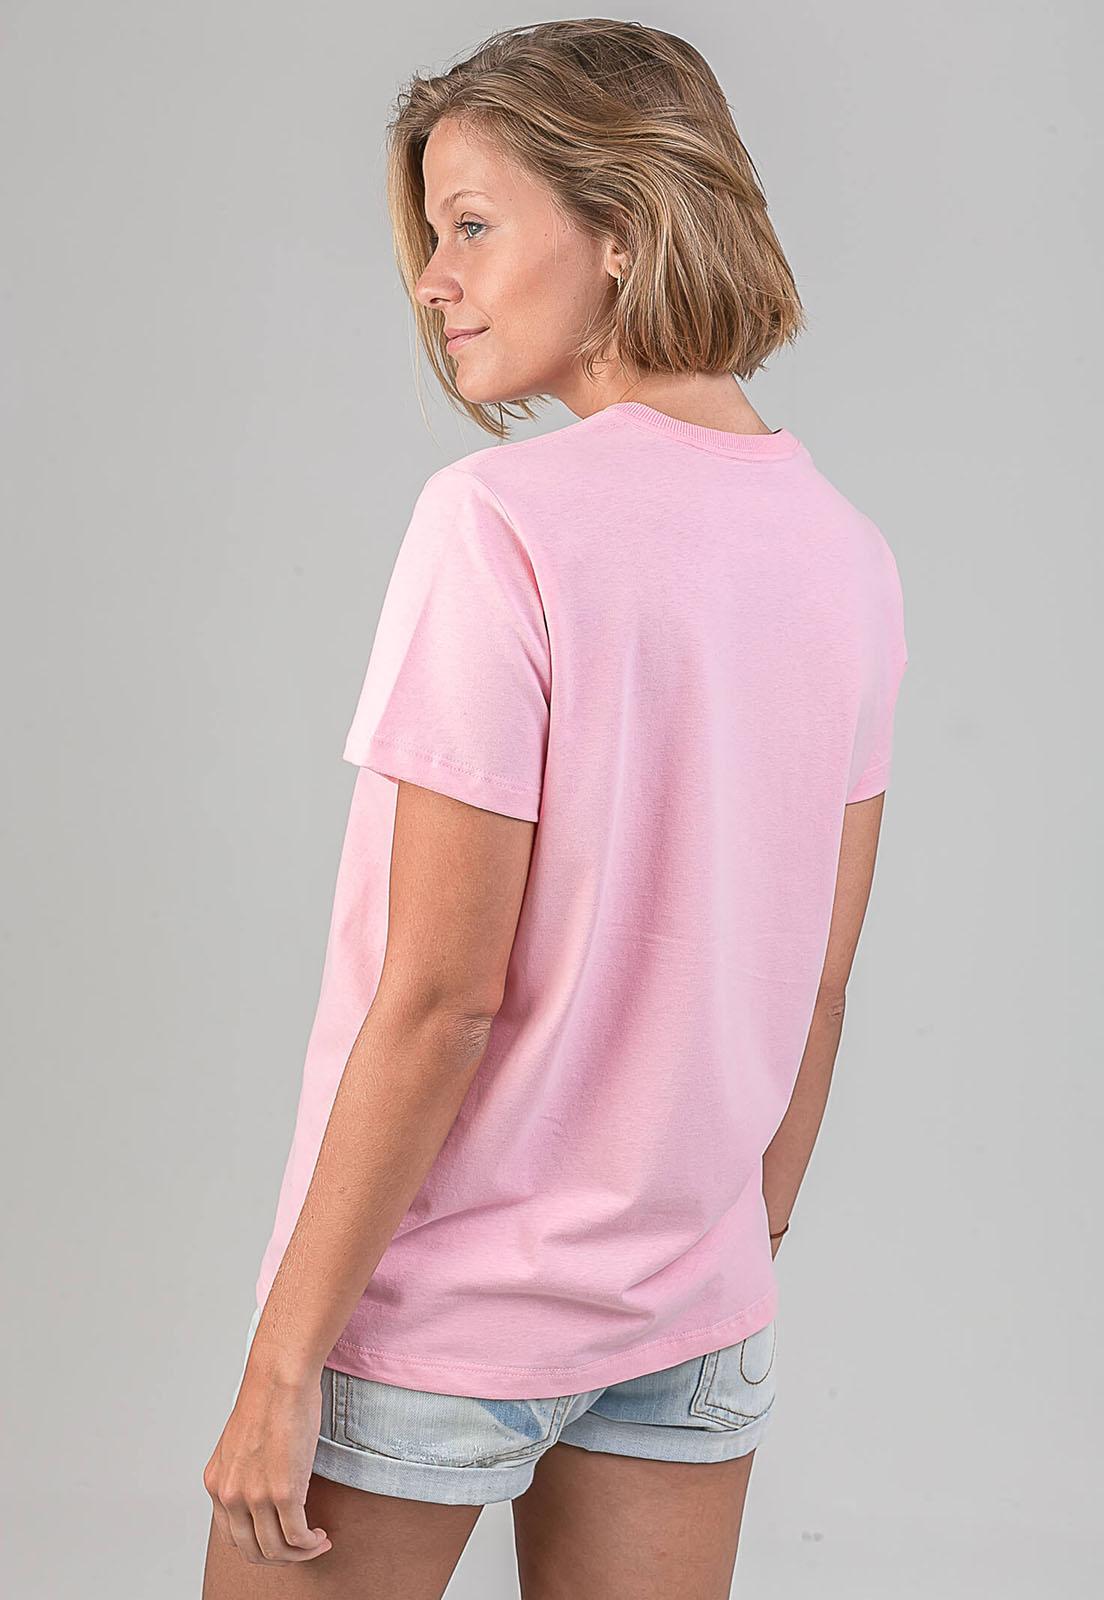 T-shirt Mojitos melty